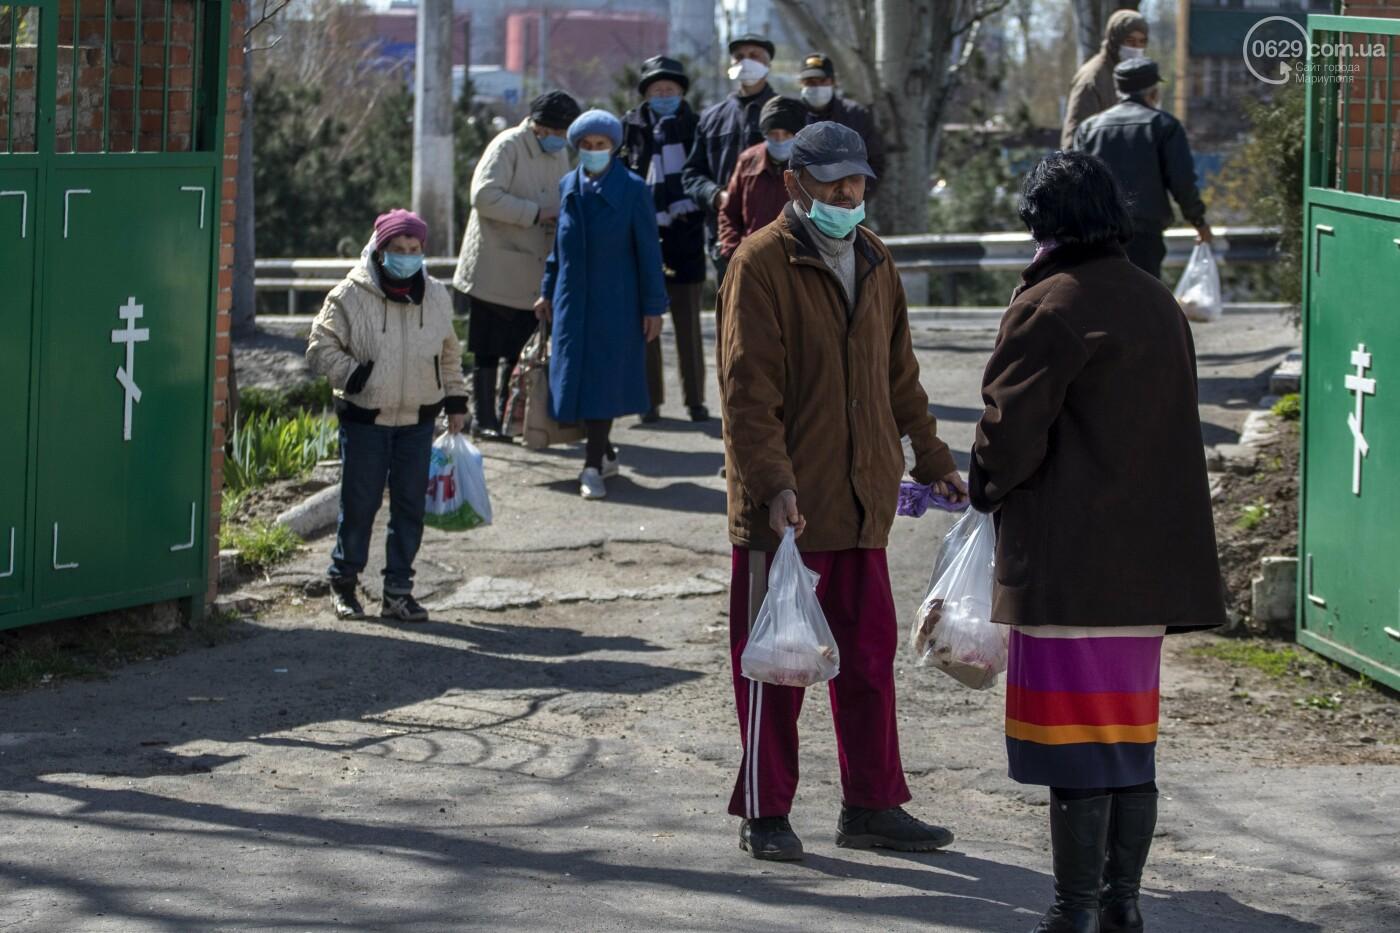 О правилах общежития. Как в Мариуполе кормят голодных и нищих, - ФОТОРЕПОРТАЖ, фото-9